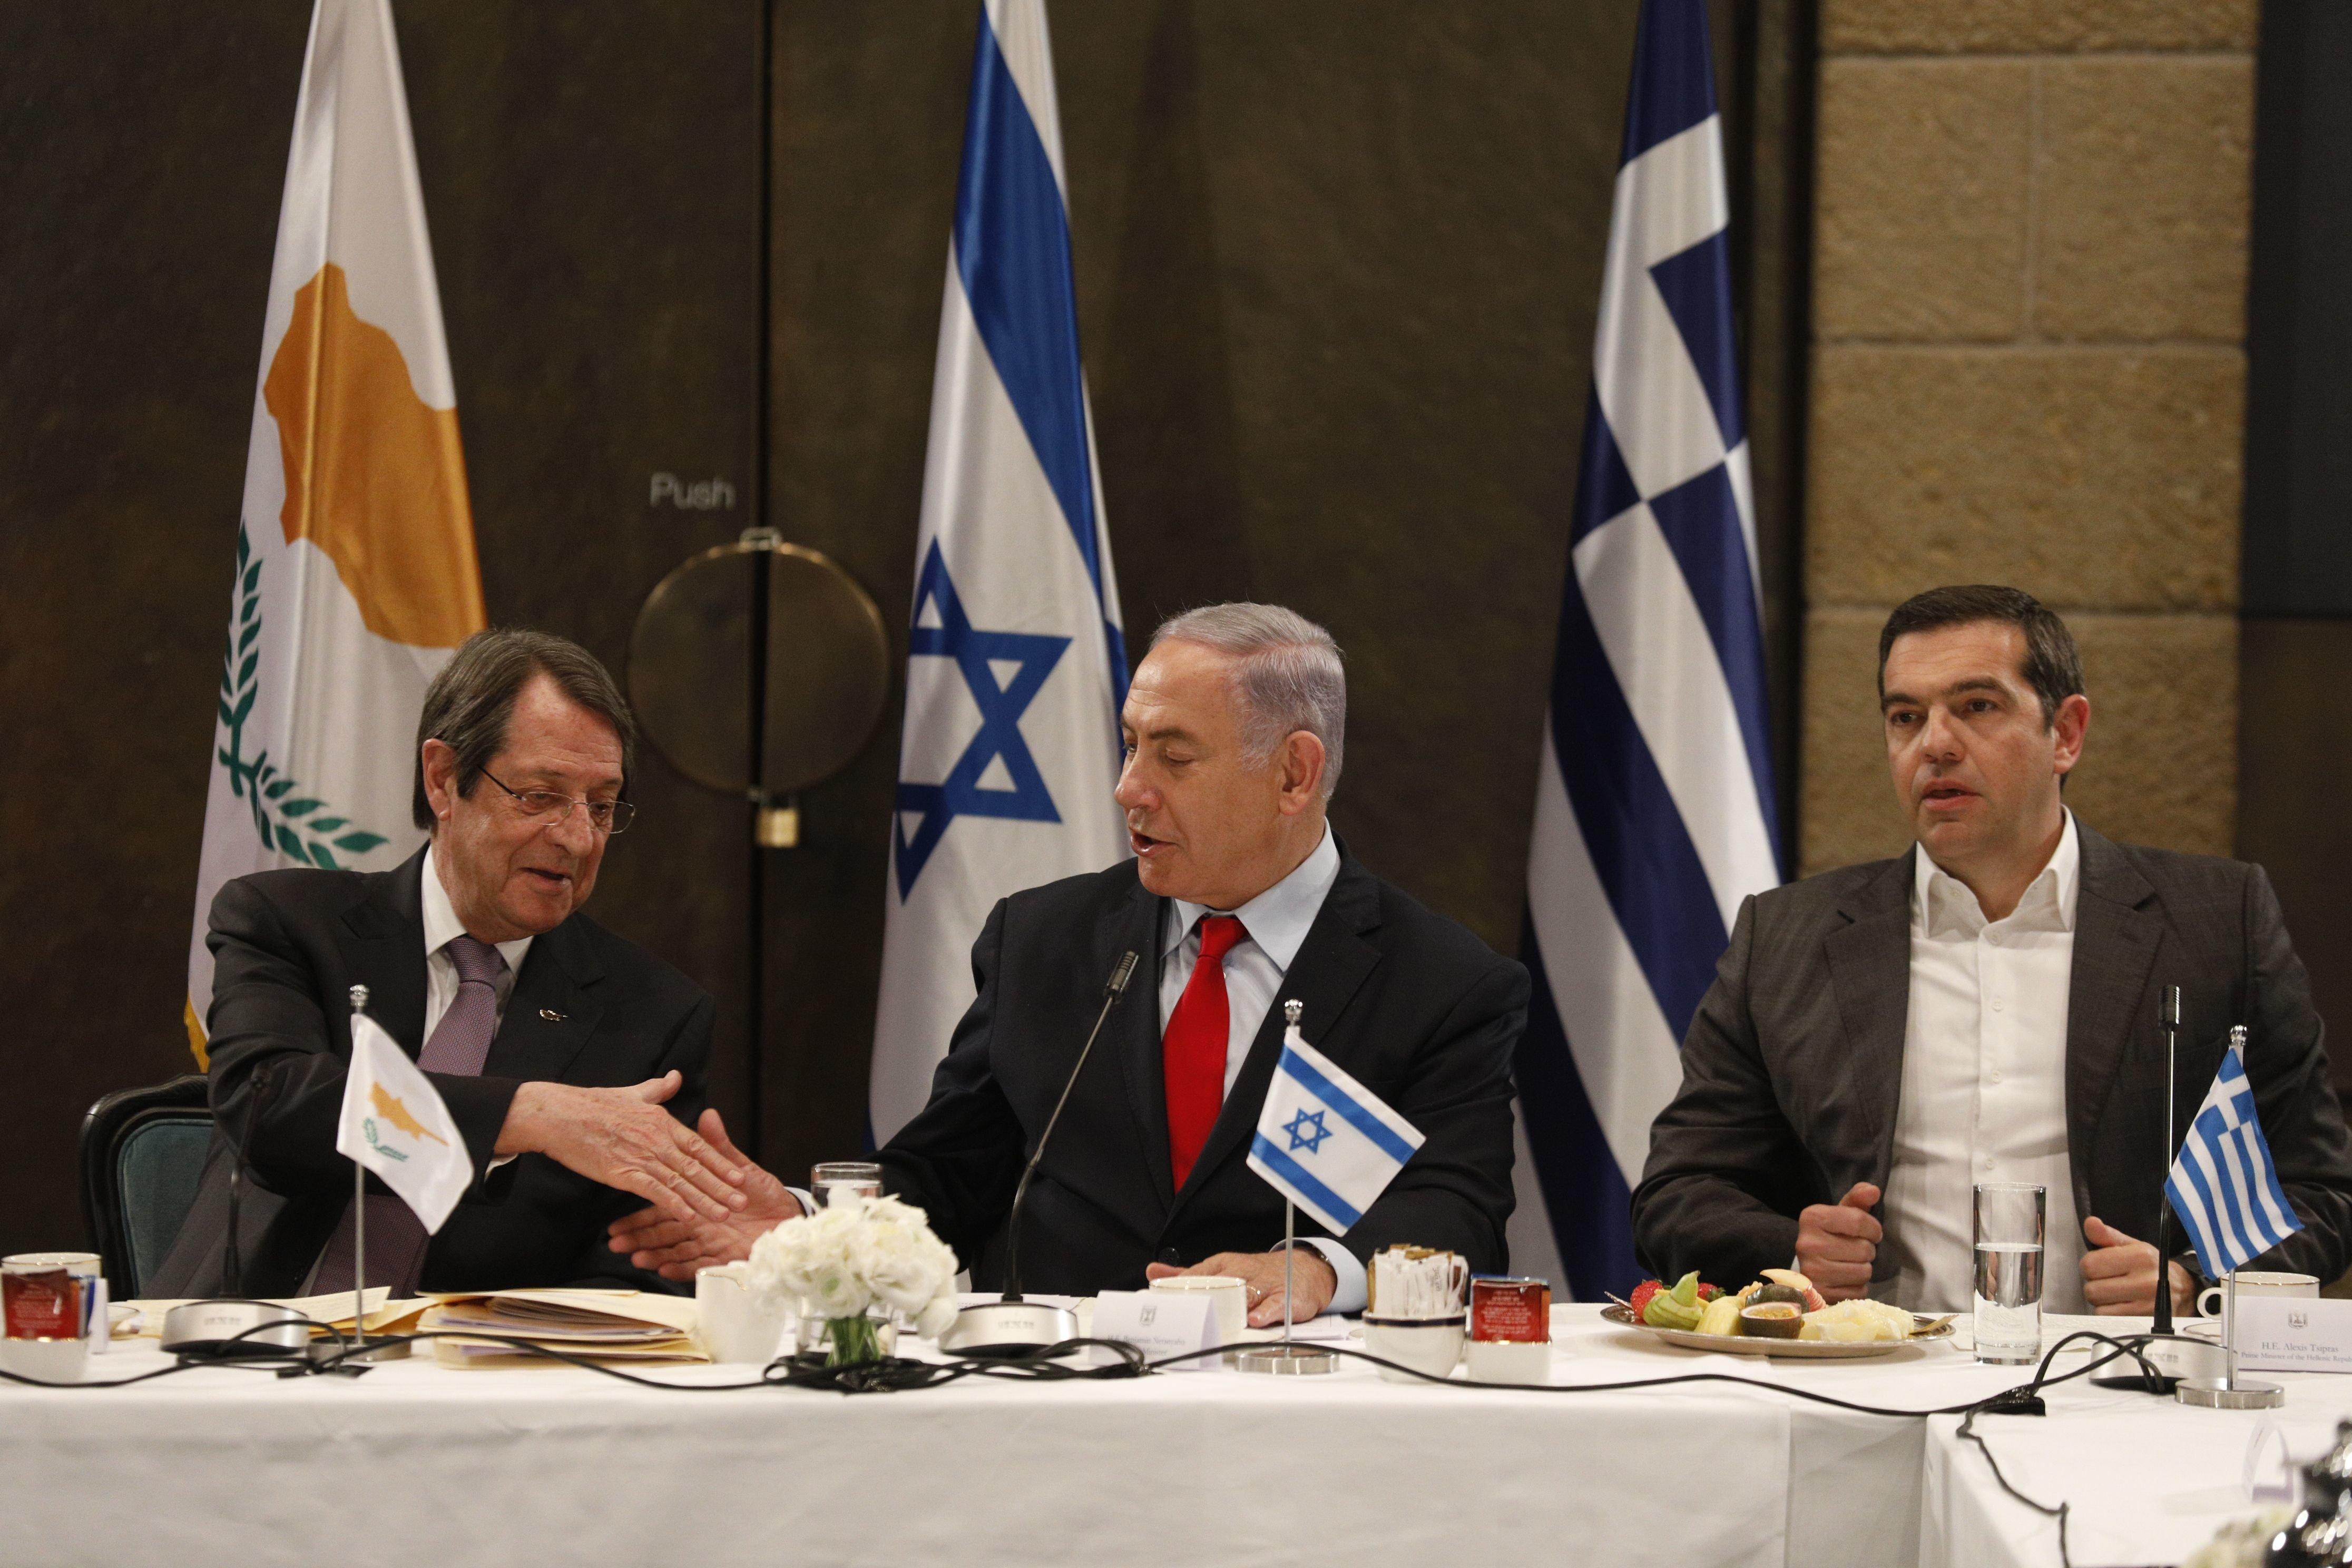 Τριμερής Ελλάδας - Κύπρου - Ισραήλ: Στρατηγική συνεργασία σε ενέργεια και